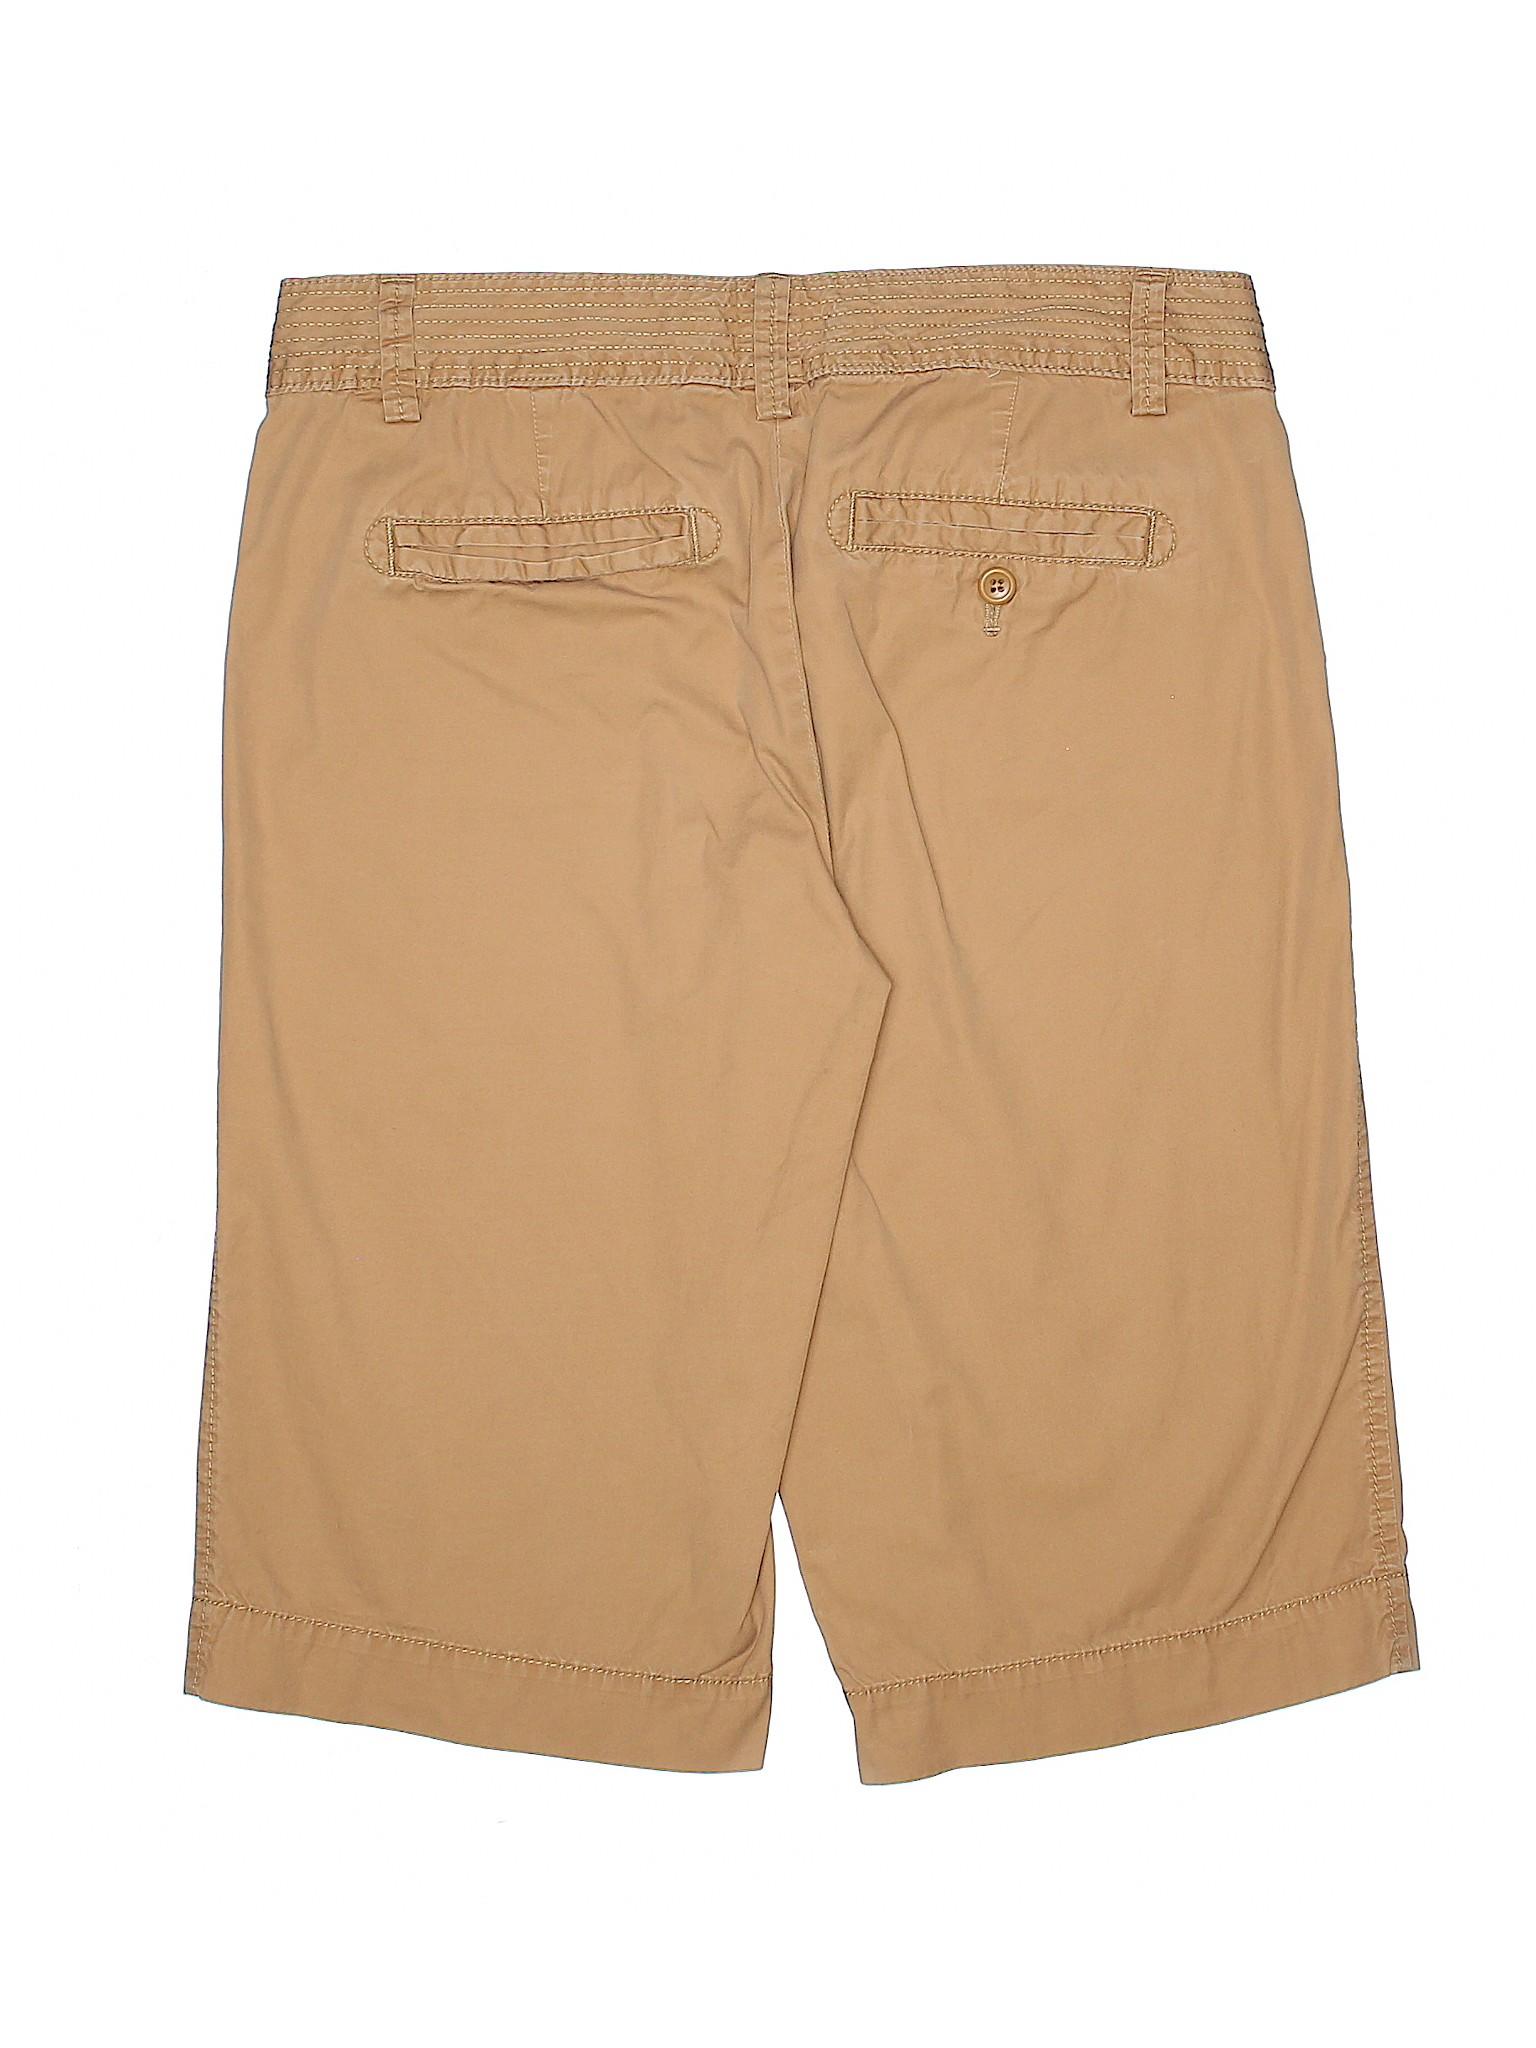 Crew Boutique J Shorts Boutique J Crew x1wqwTP